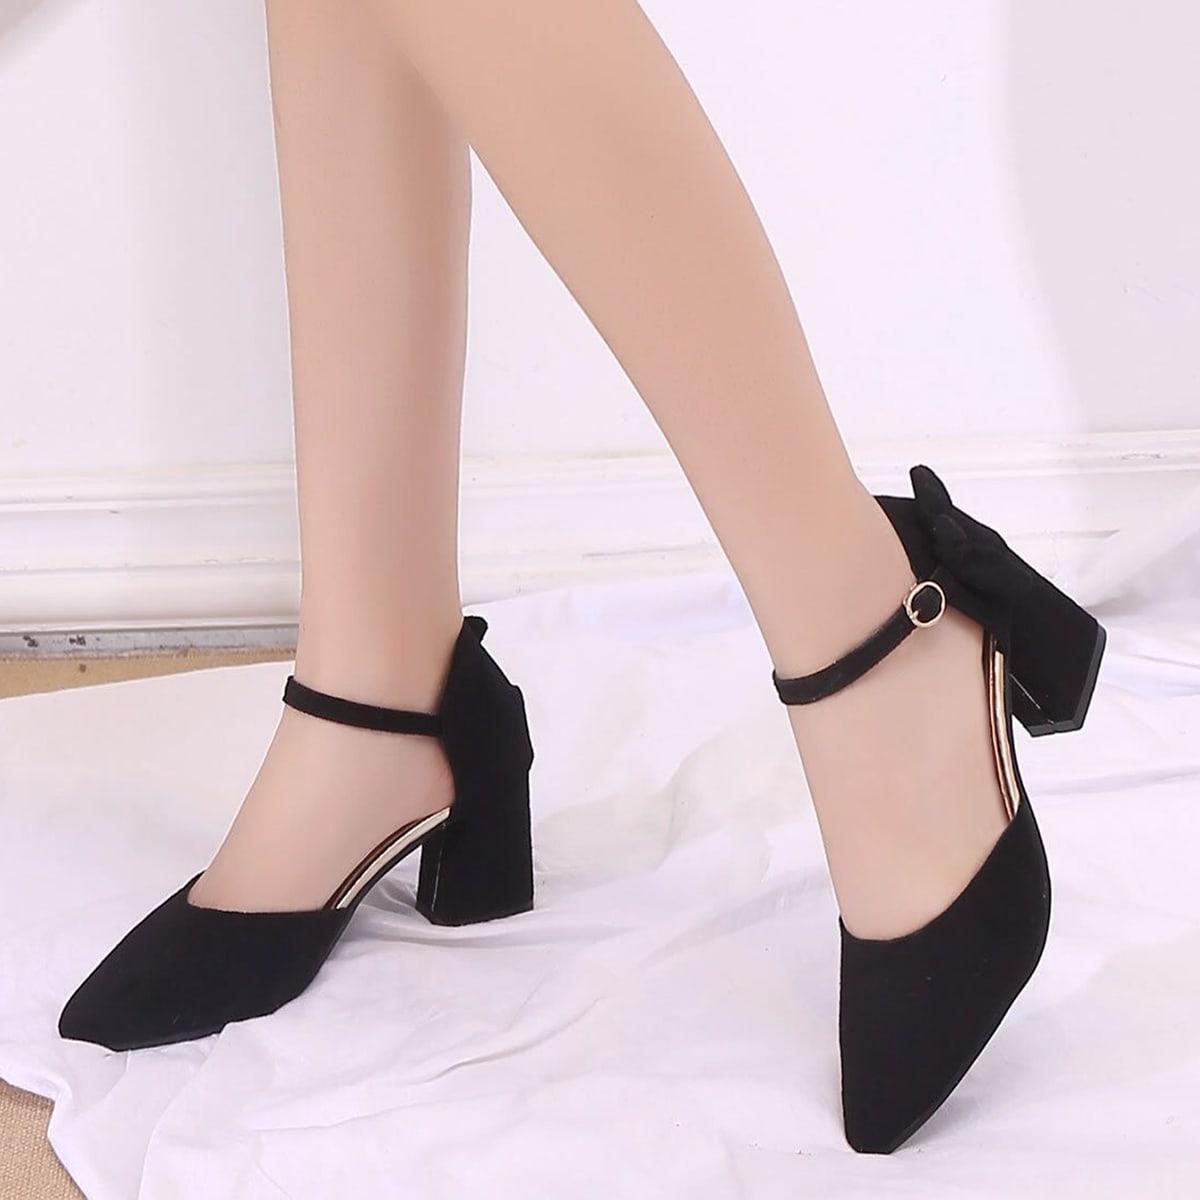 Утеплённые толстые туфли на высоких каблуках и лодыжка с шнурками от SHEIN